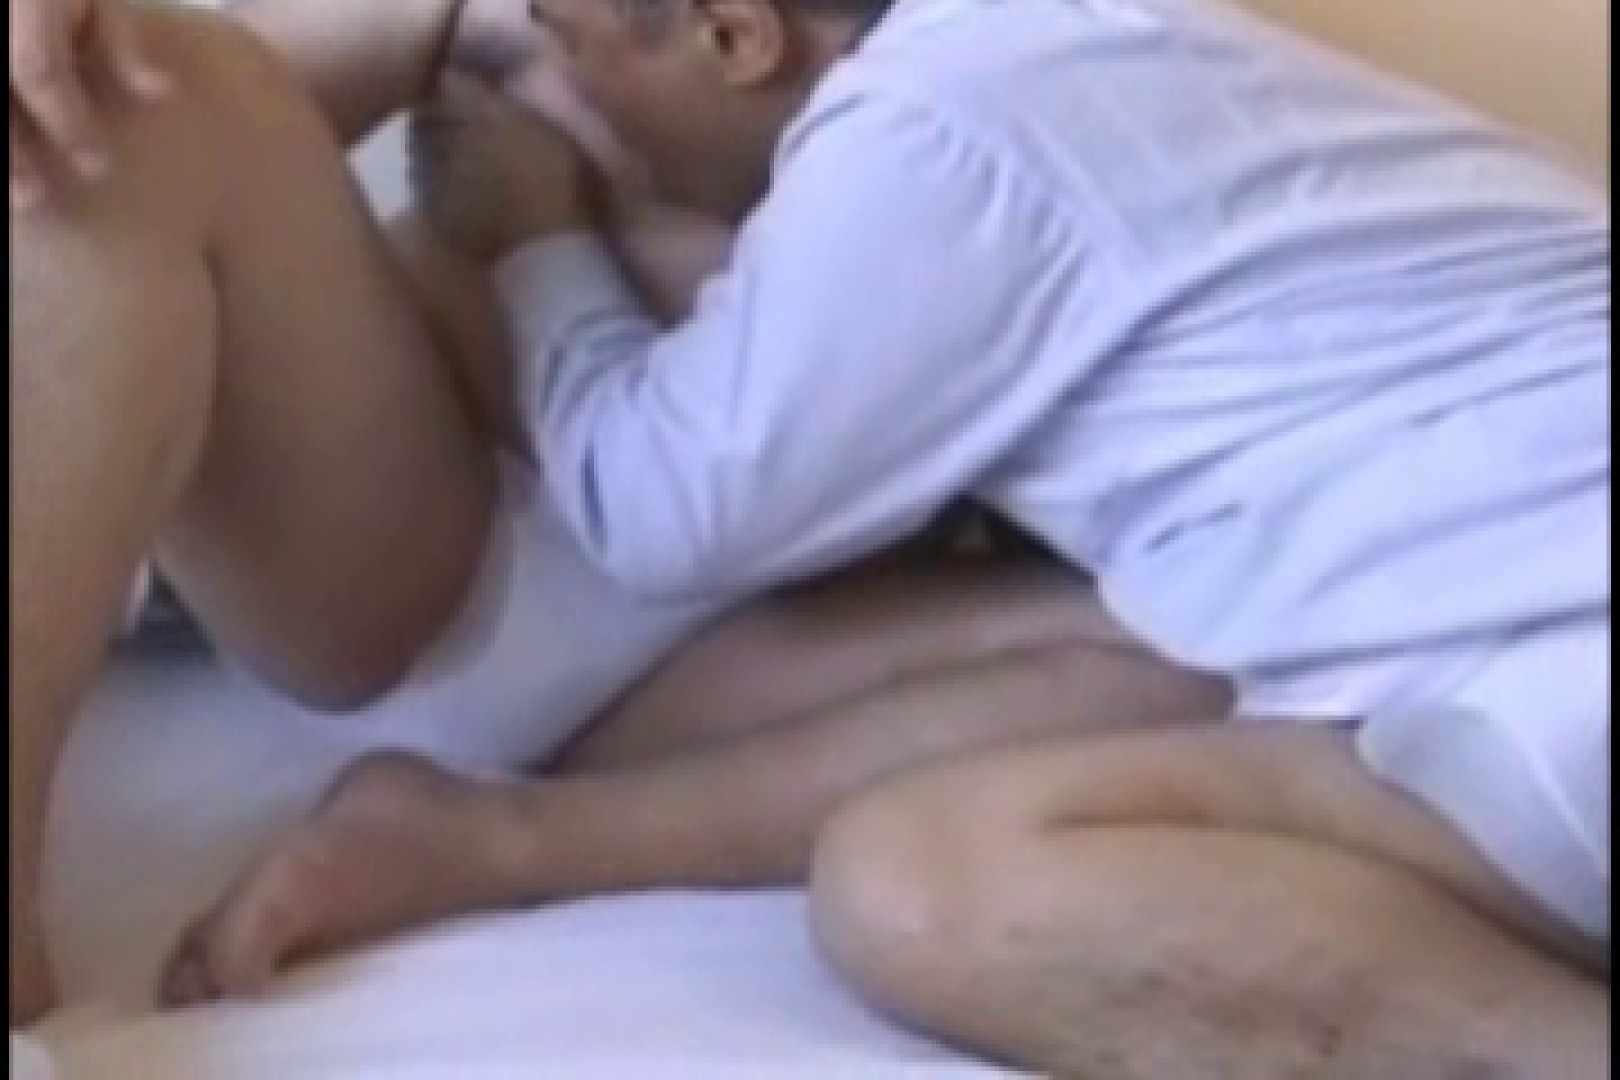 中年旦那の発情記 ゲイのオナニー映像  99枚 3